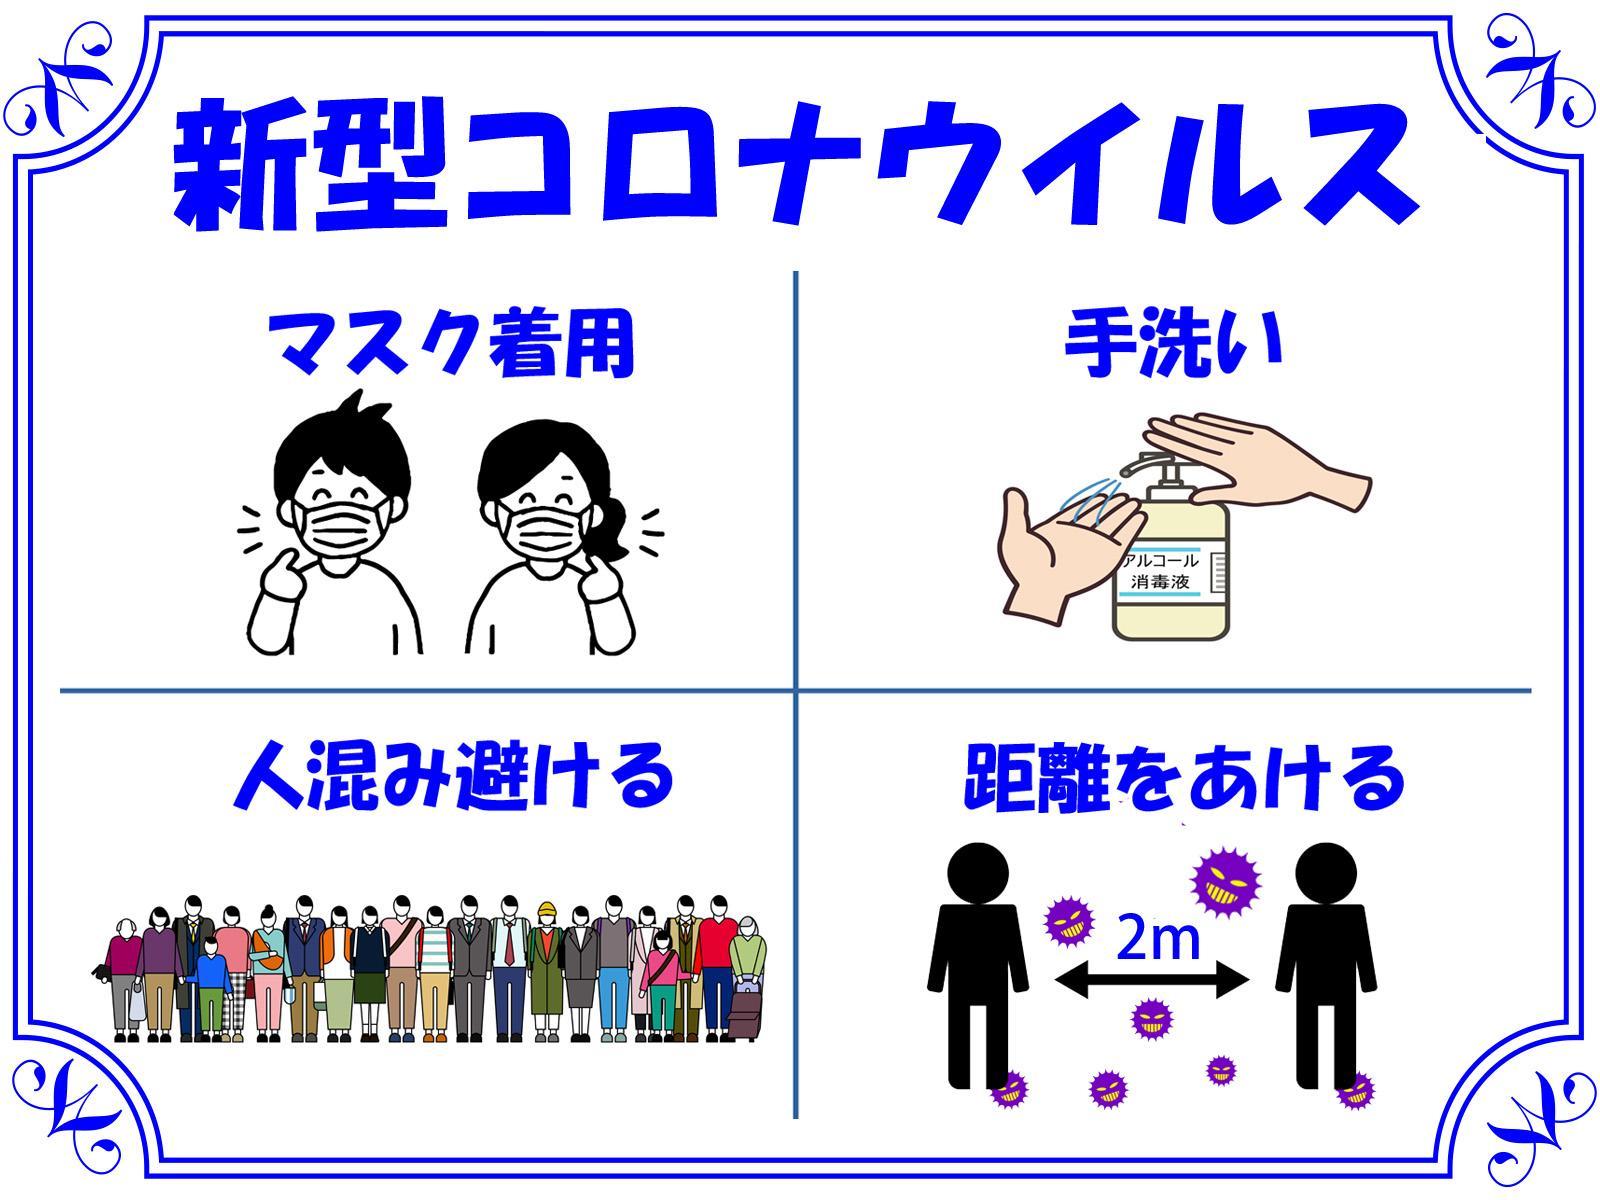 市 者 藤沢 コロナ 感染